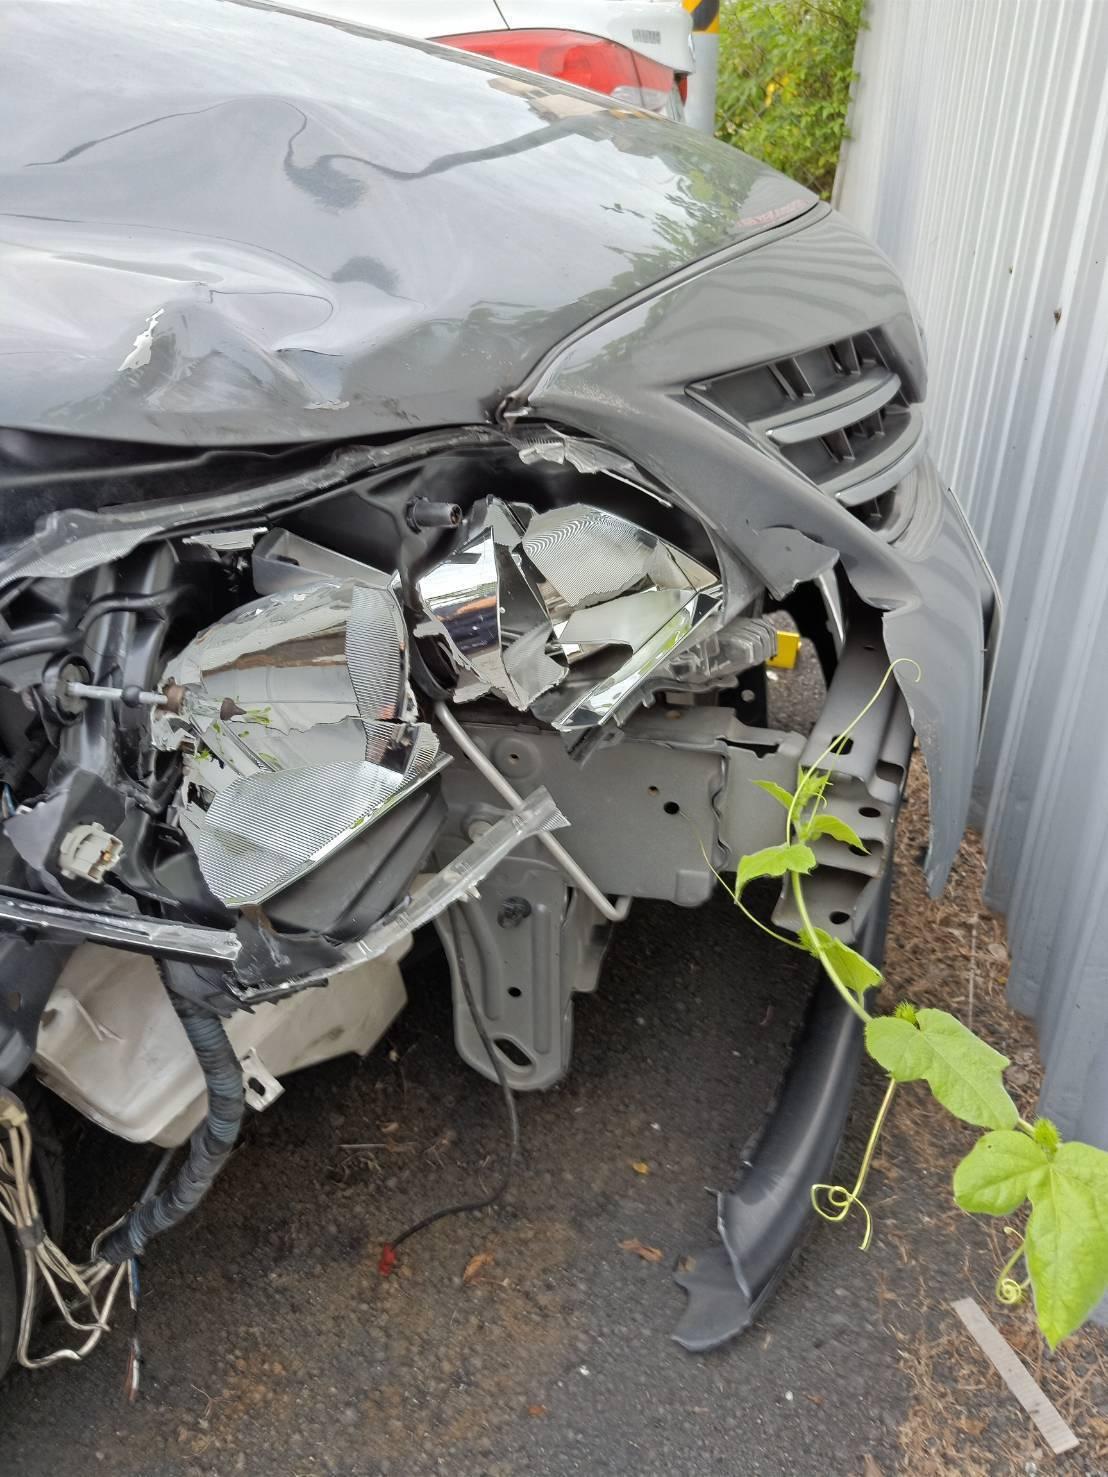 肇事車的右前車頭嚴重毀損。記者林伯驊/翻攝